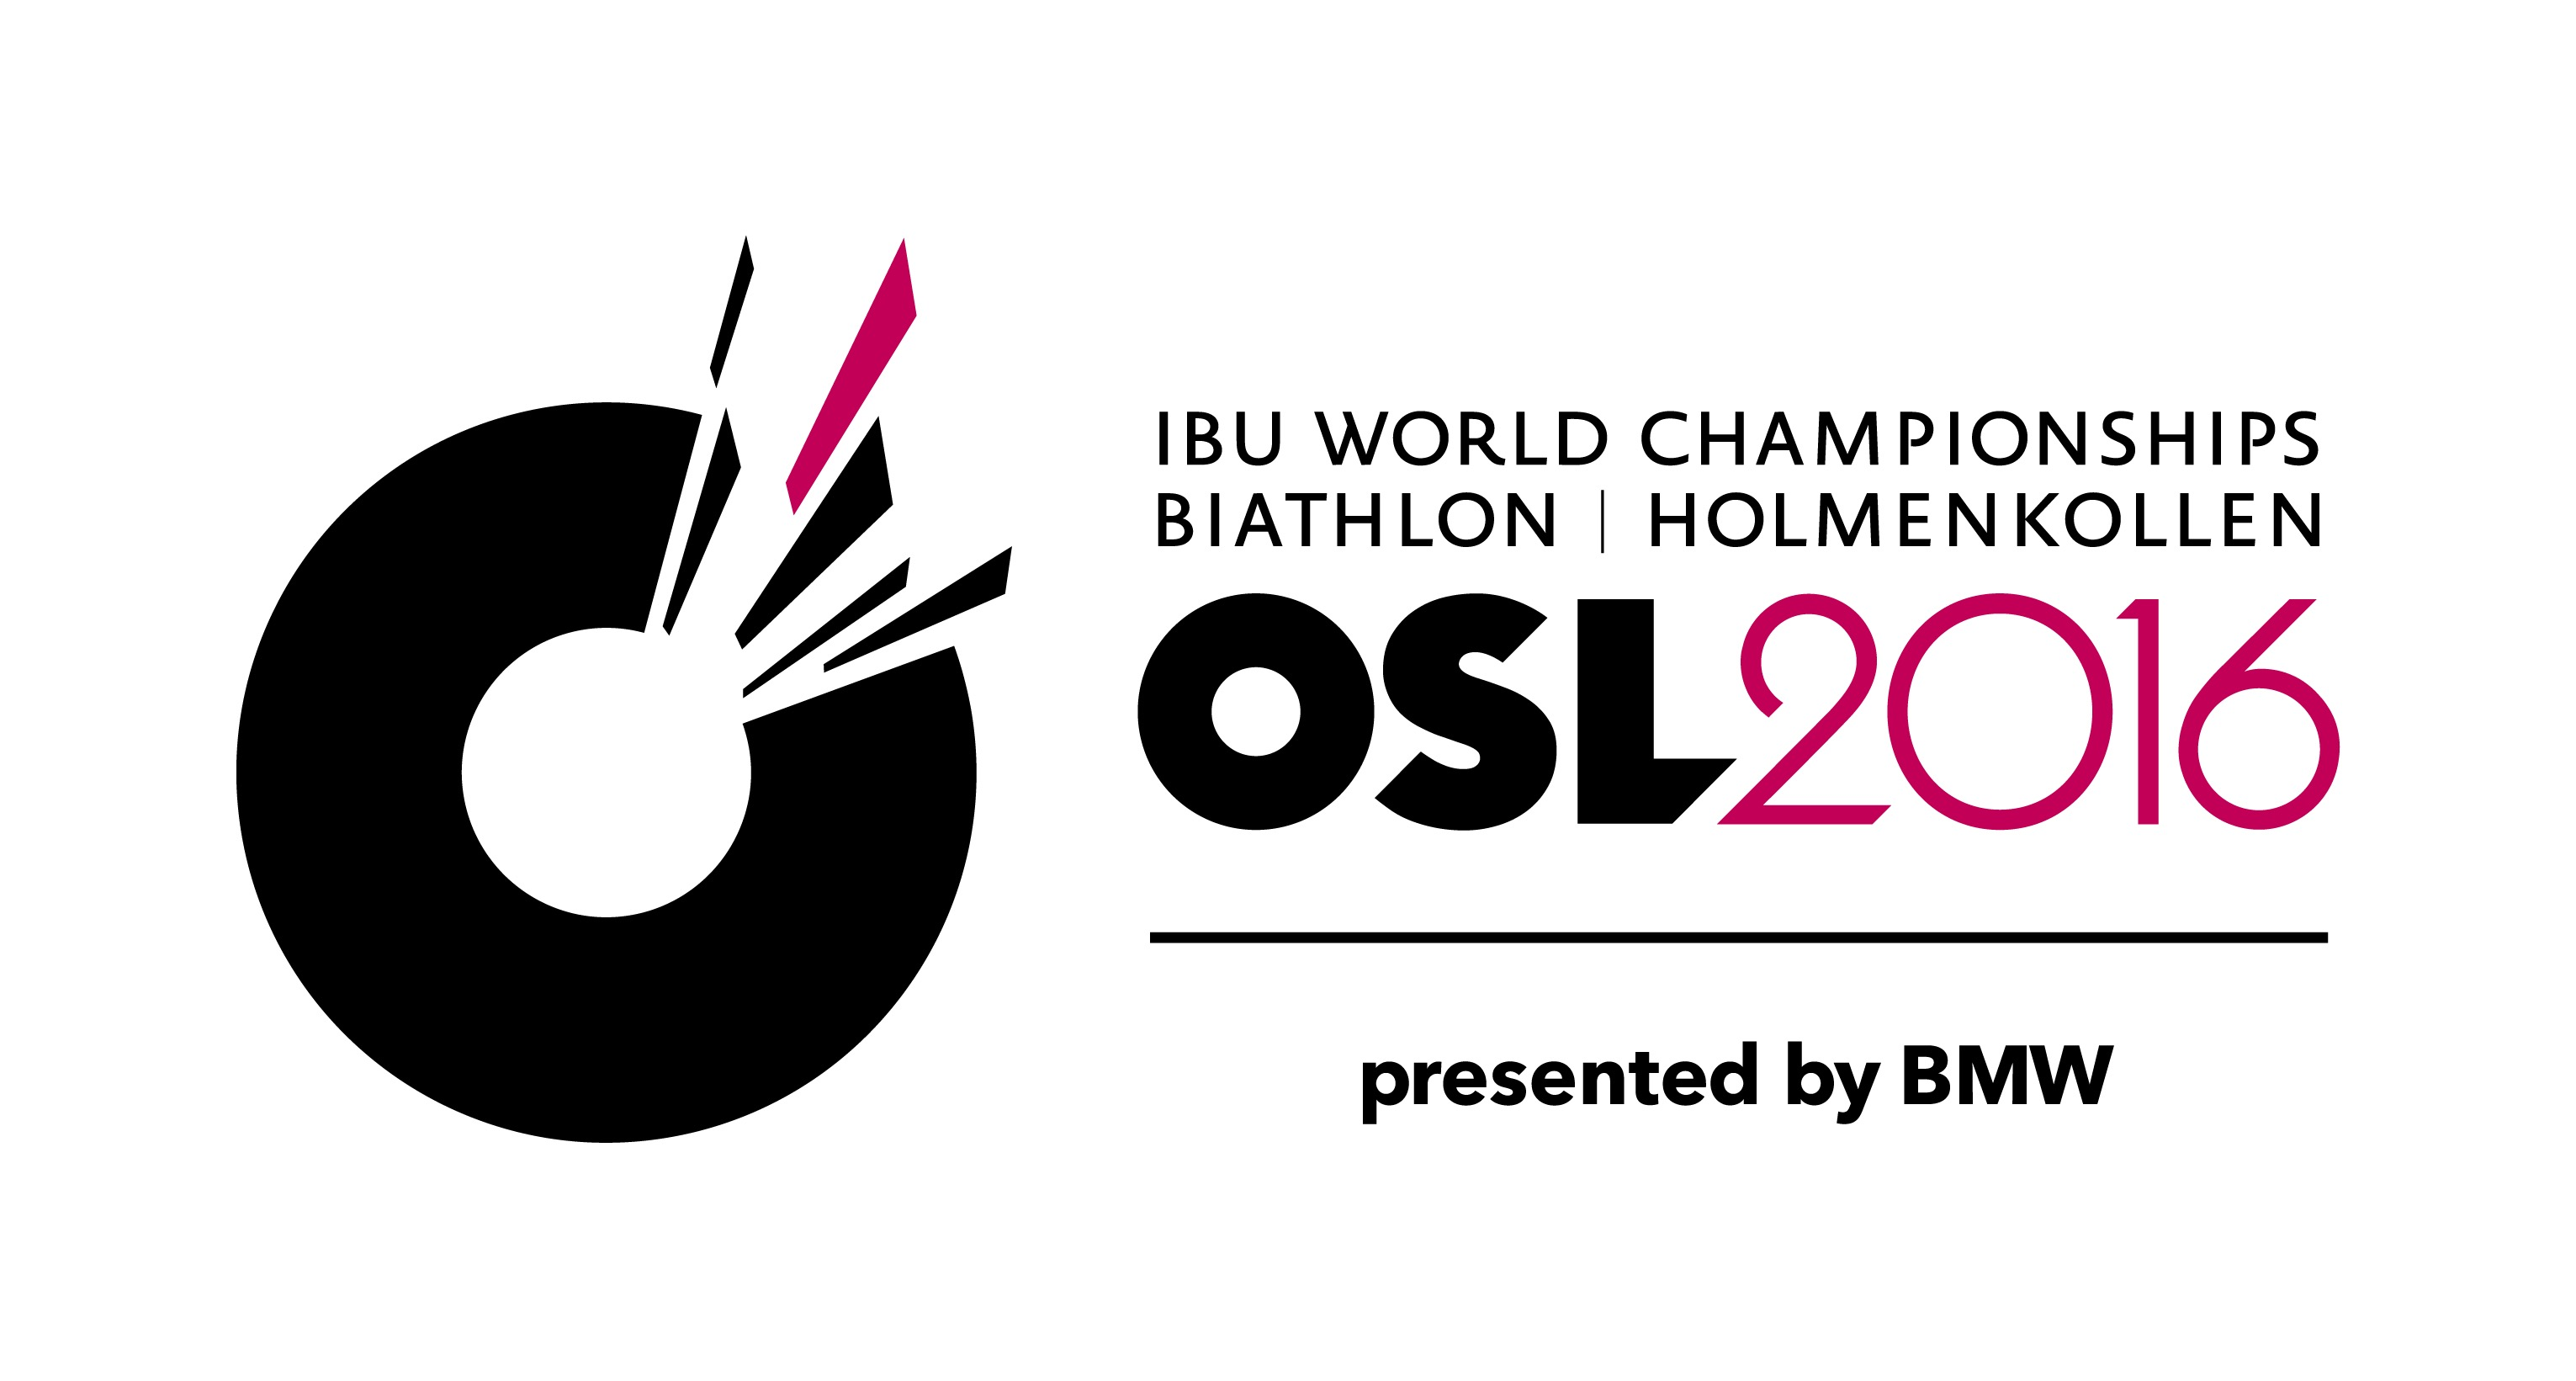 oslo2016.com